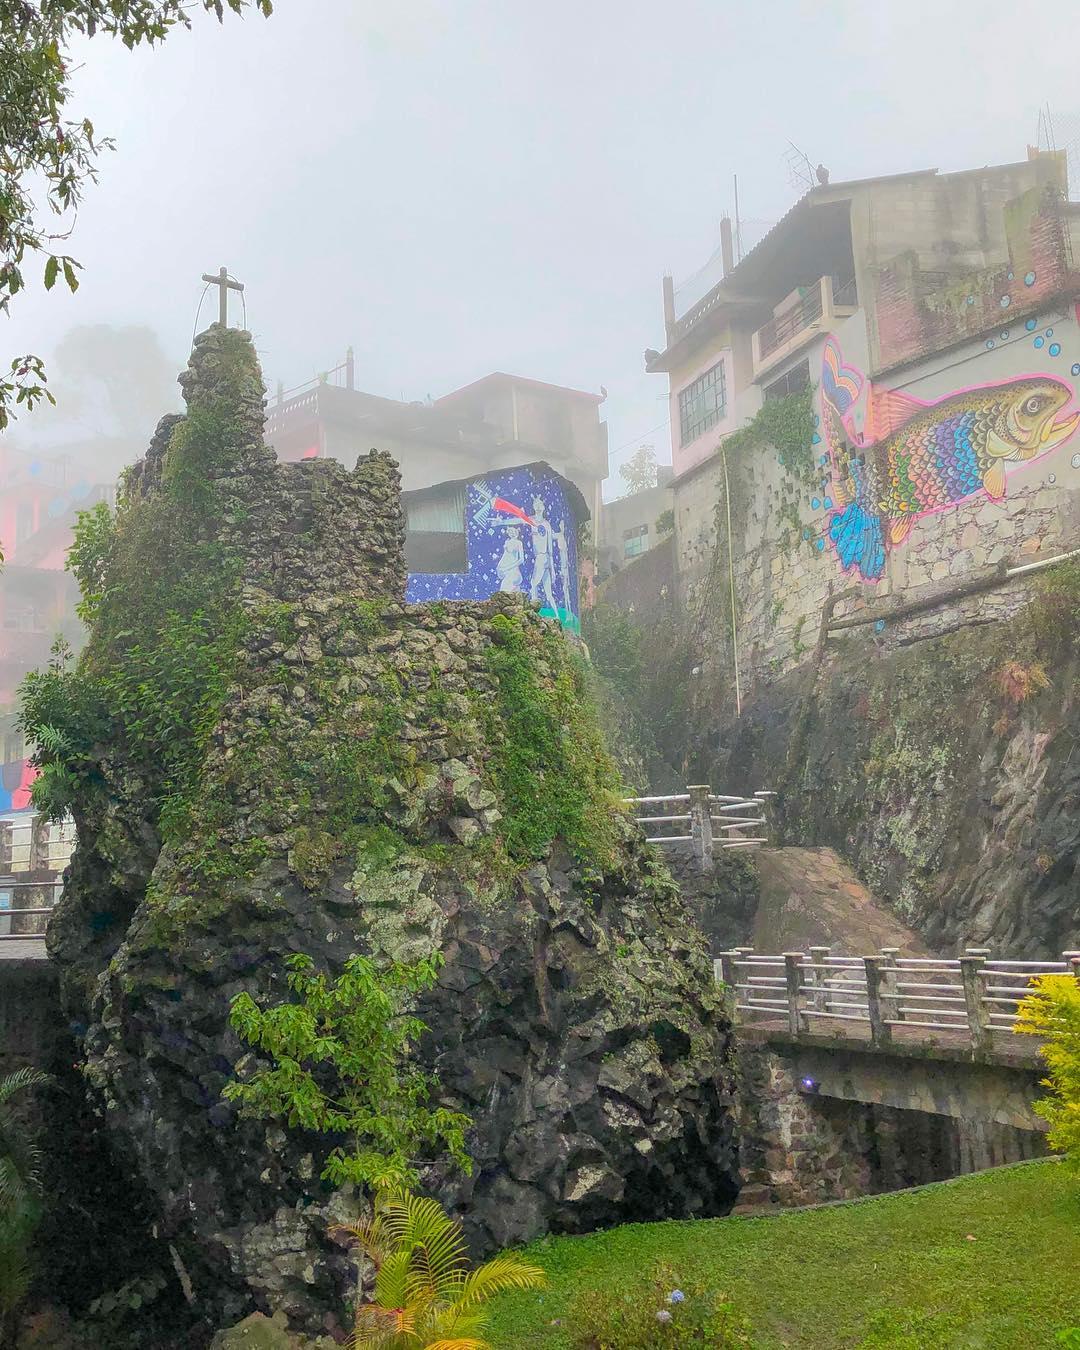 centro-ceremonial-xochipila-en-pueblo-magico-xicotepec-puebla